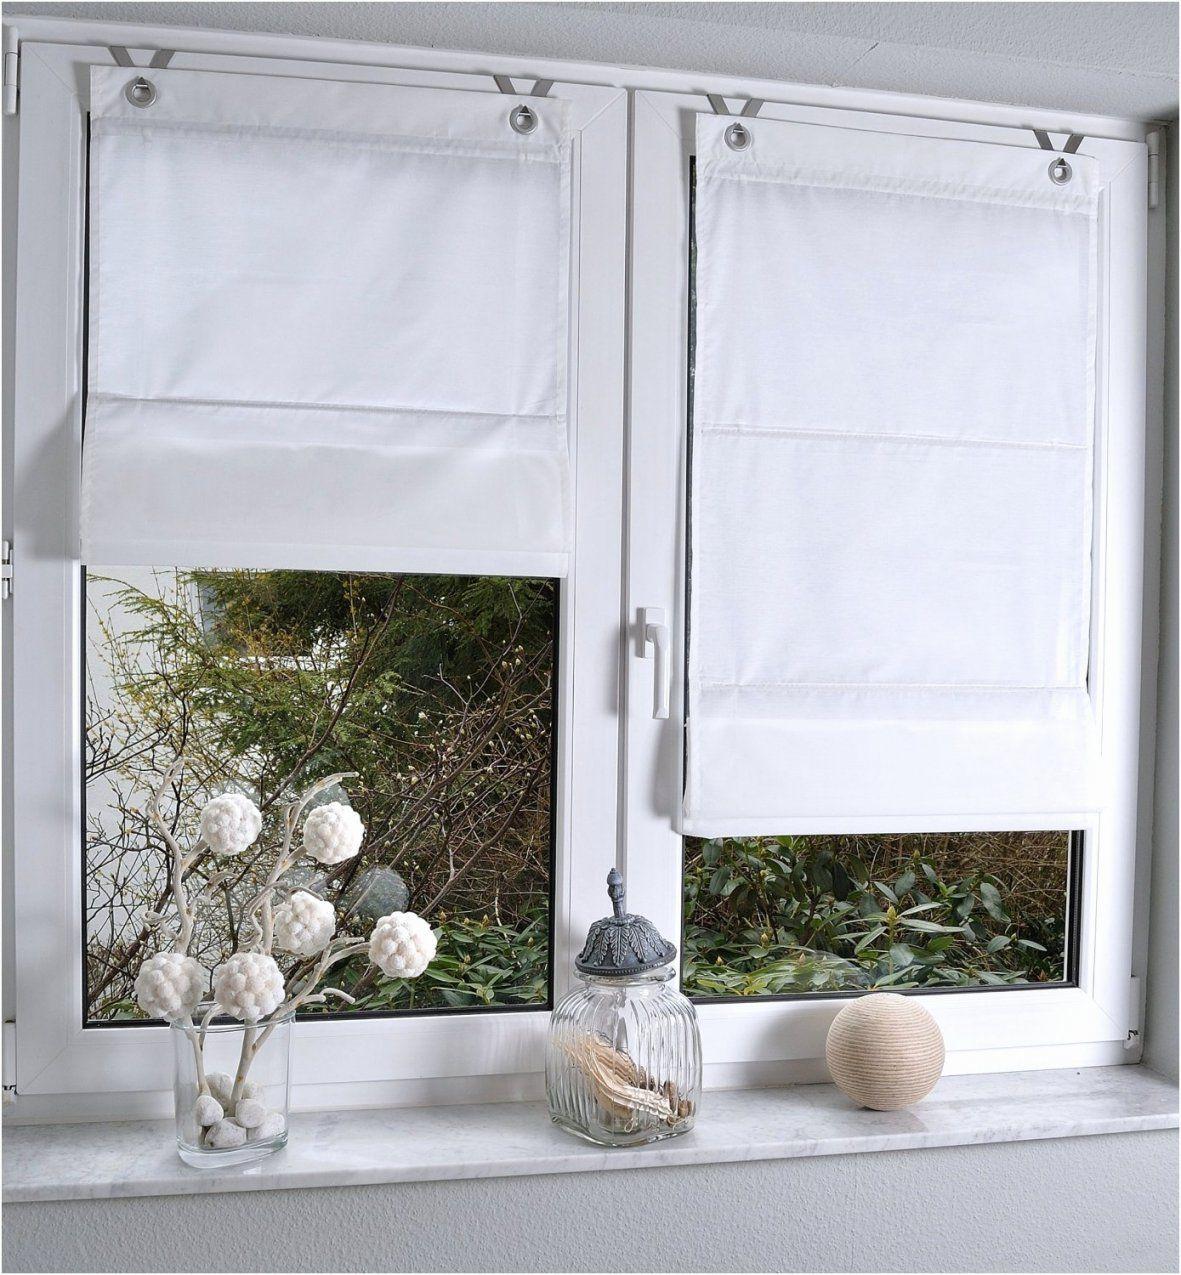 Gardinenbefestigung Am Fenster Ohne Bohren  Haus Design Ideen